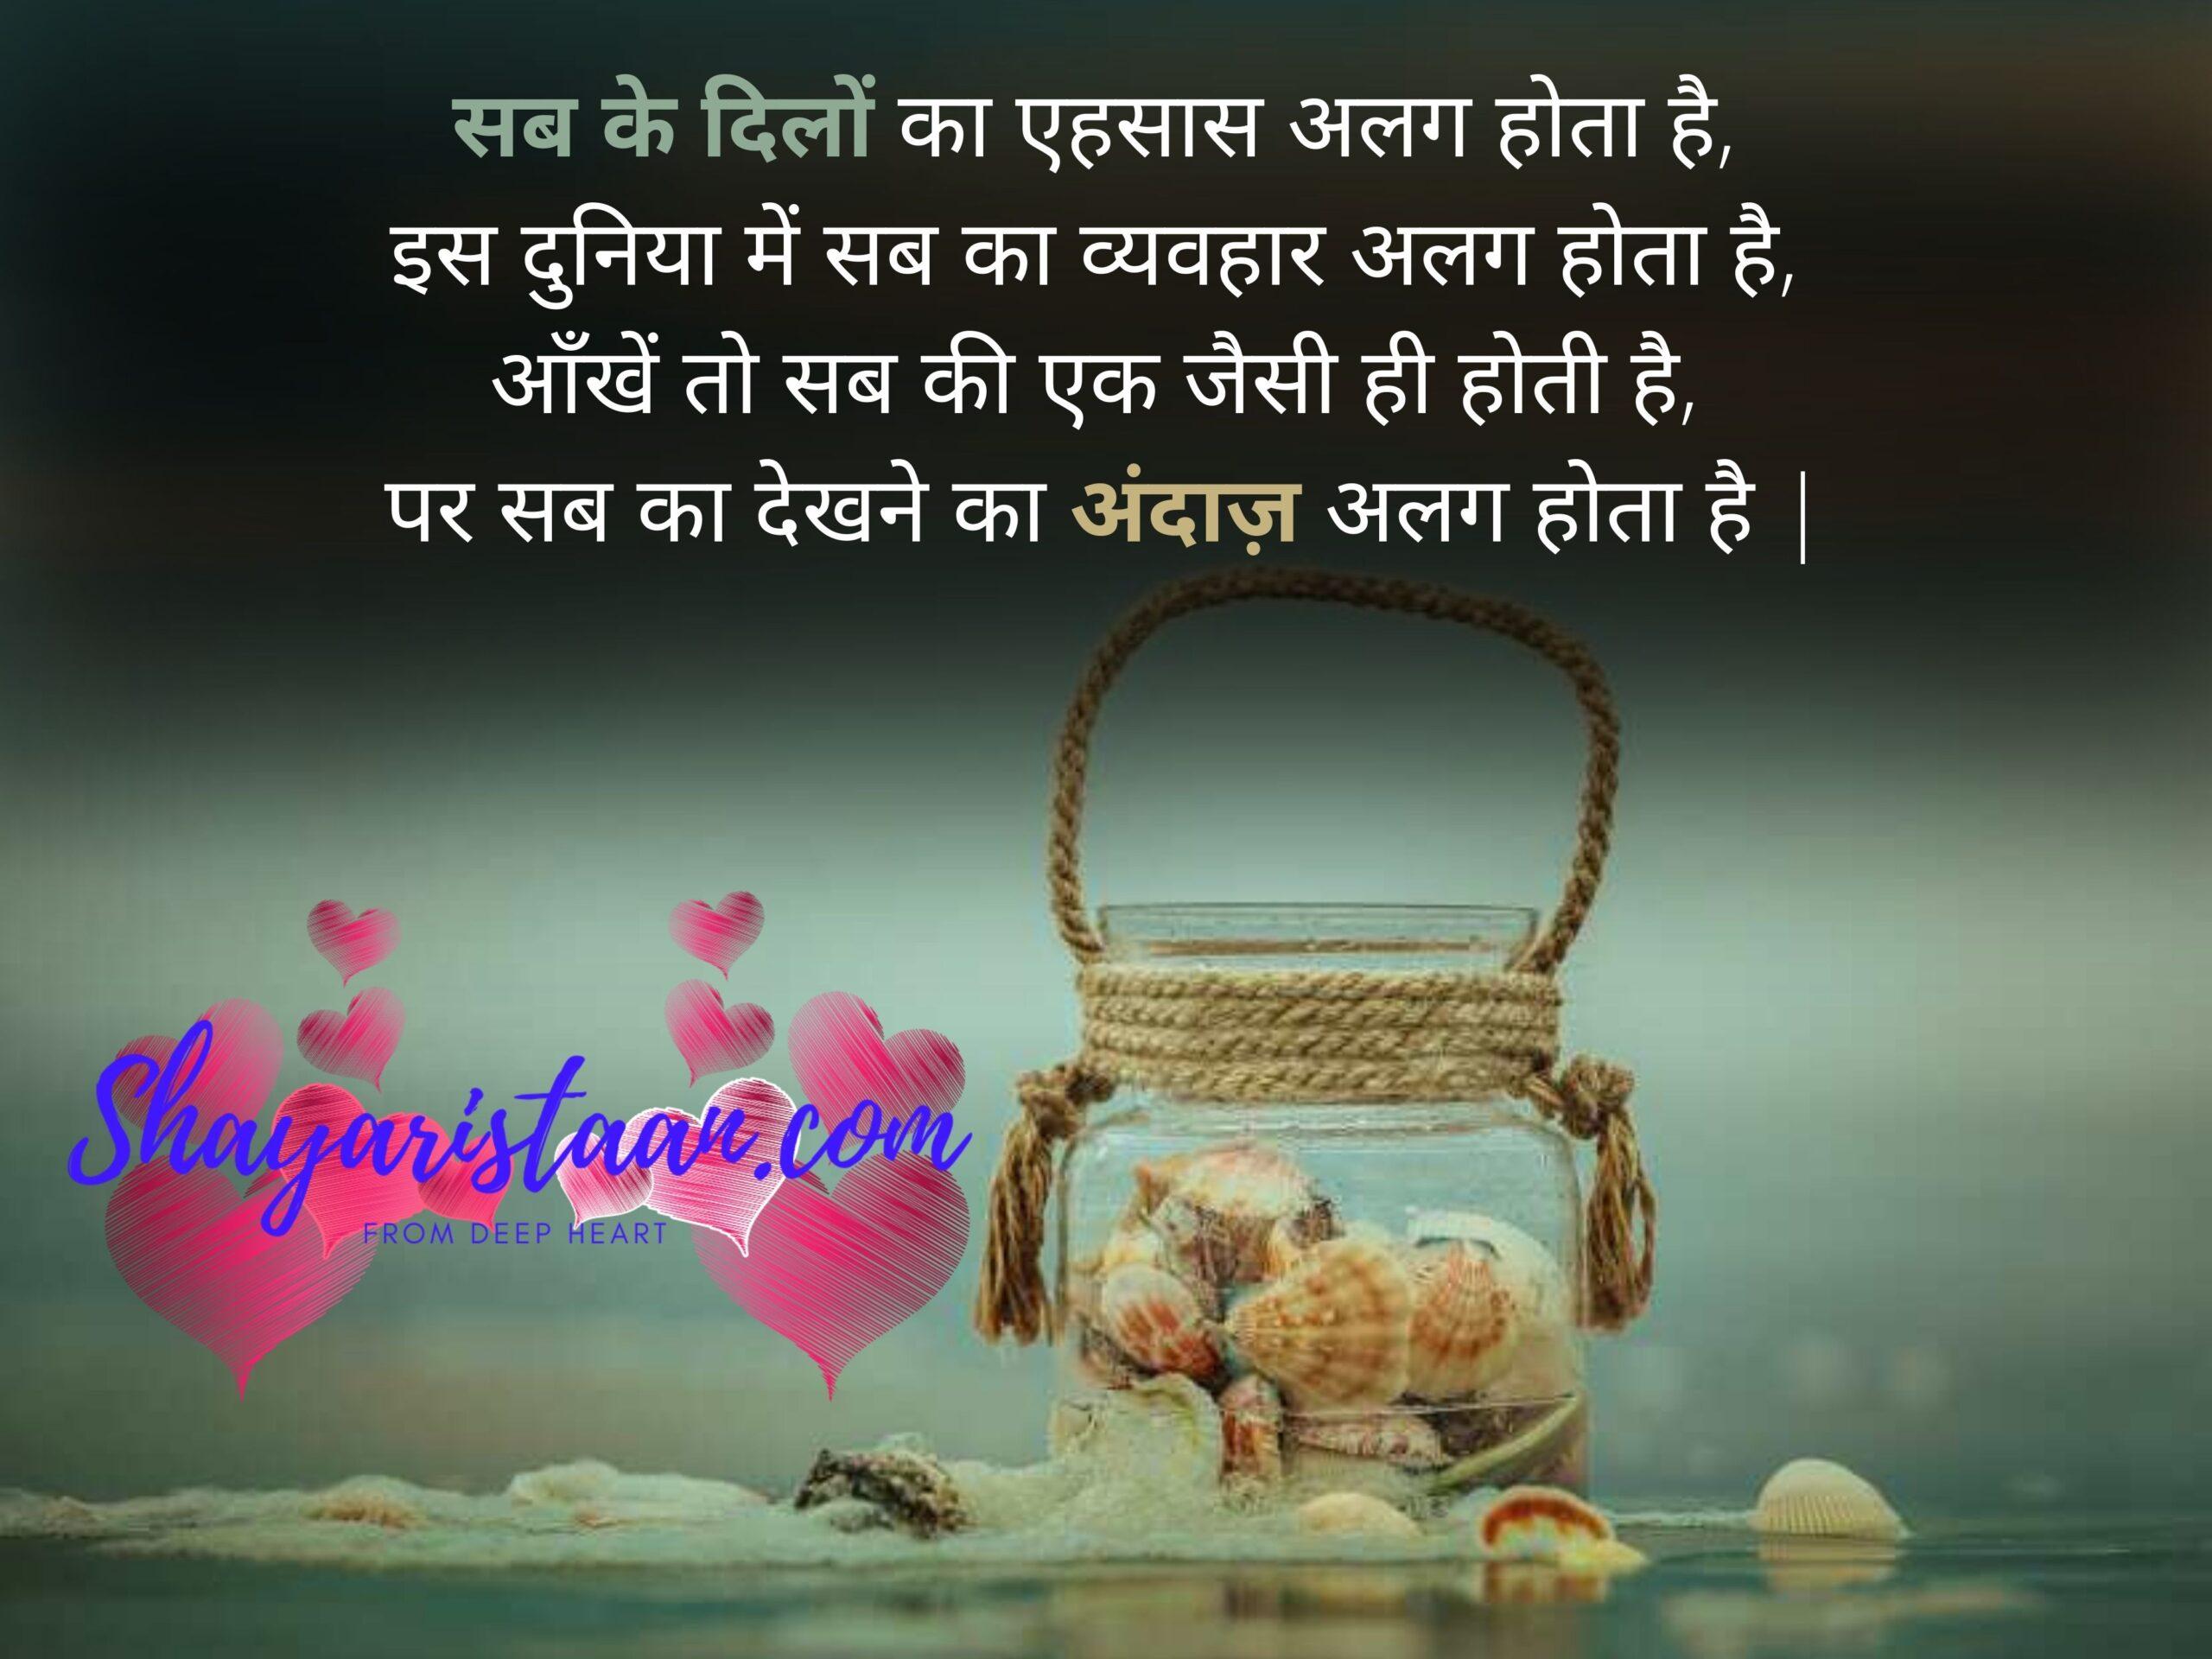 life sad shayari   सब के दिलों का एहसास अलग होता है, इस दुनिया में सब का व्यवहार अलग होता है, आँखें तो सब की एक जैसी ही होती है, पर सब का देखने का अंदाज़ अलग होता है  